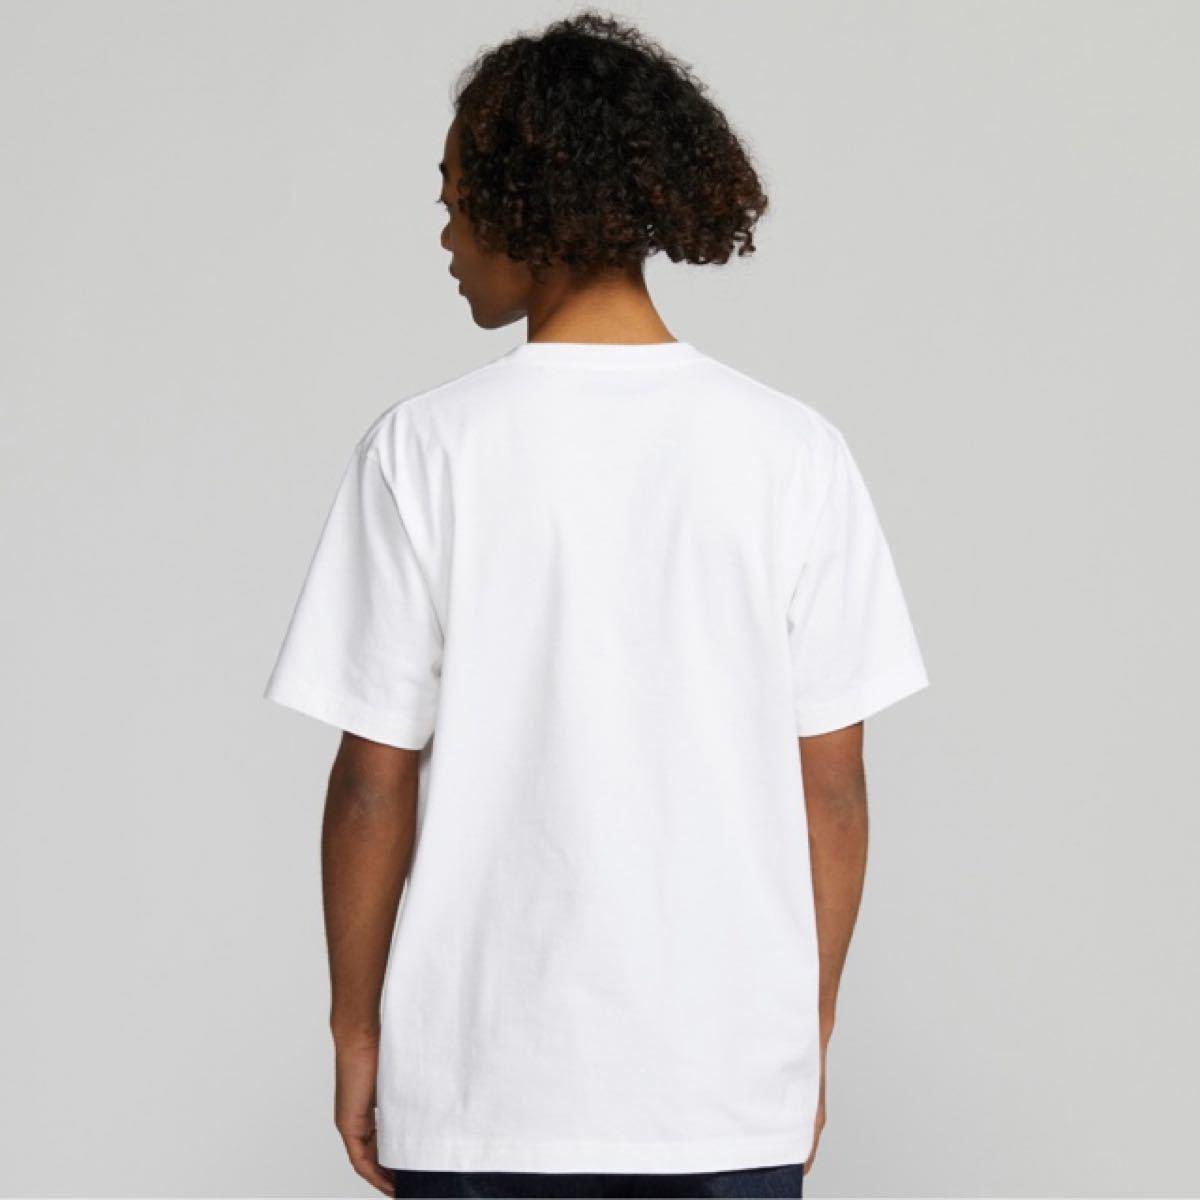 ユニクロ エヴァンゲリオン UT(半袖・レギュラーフィット)メンズ XL